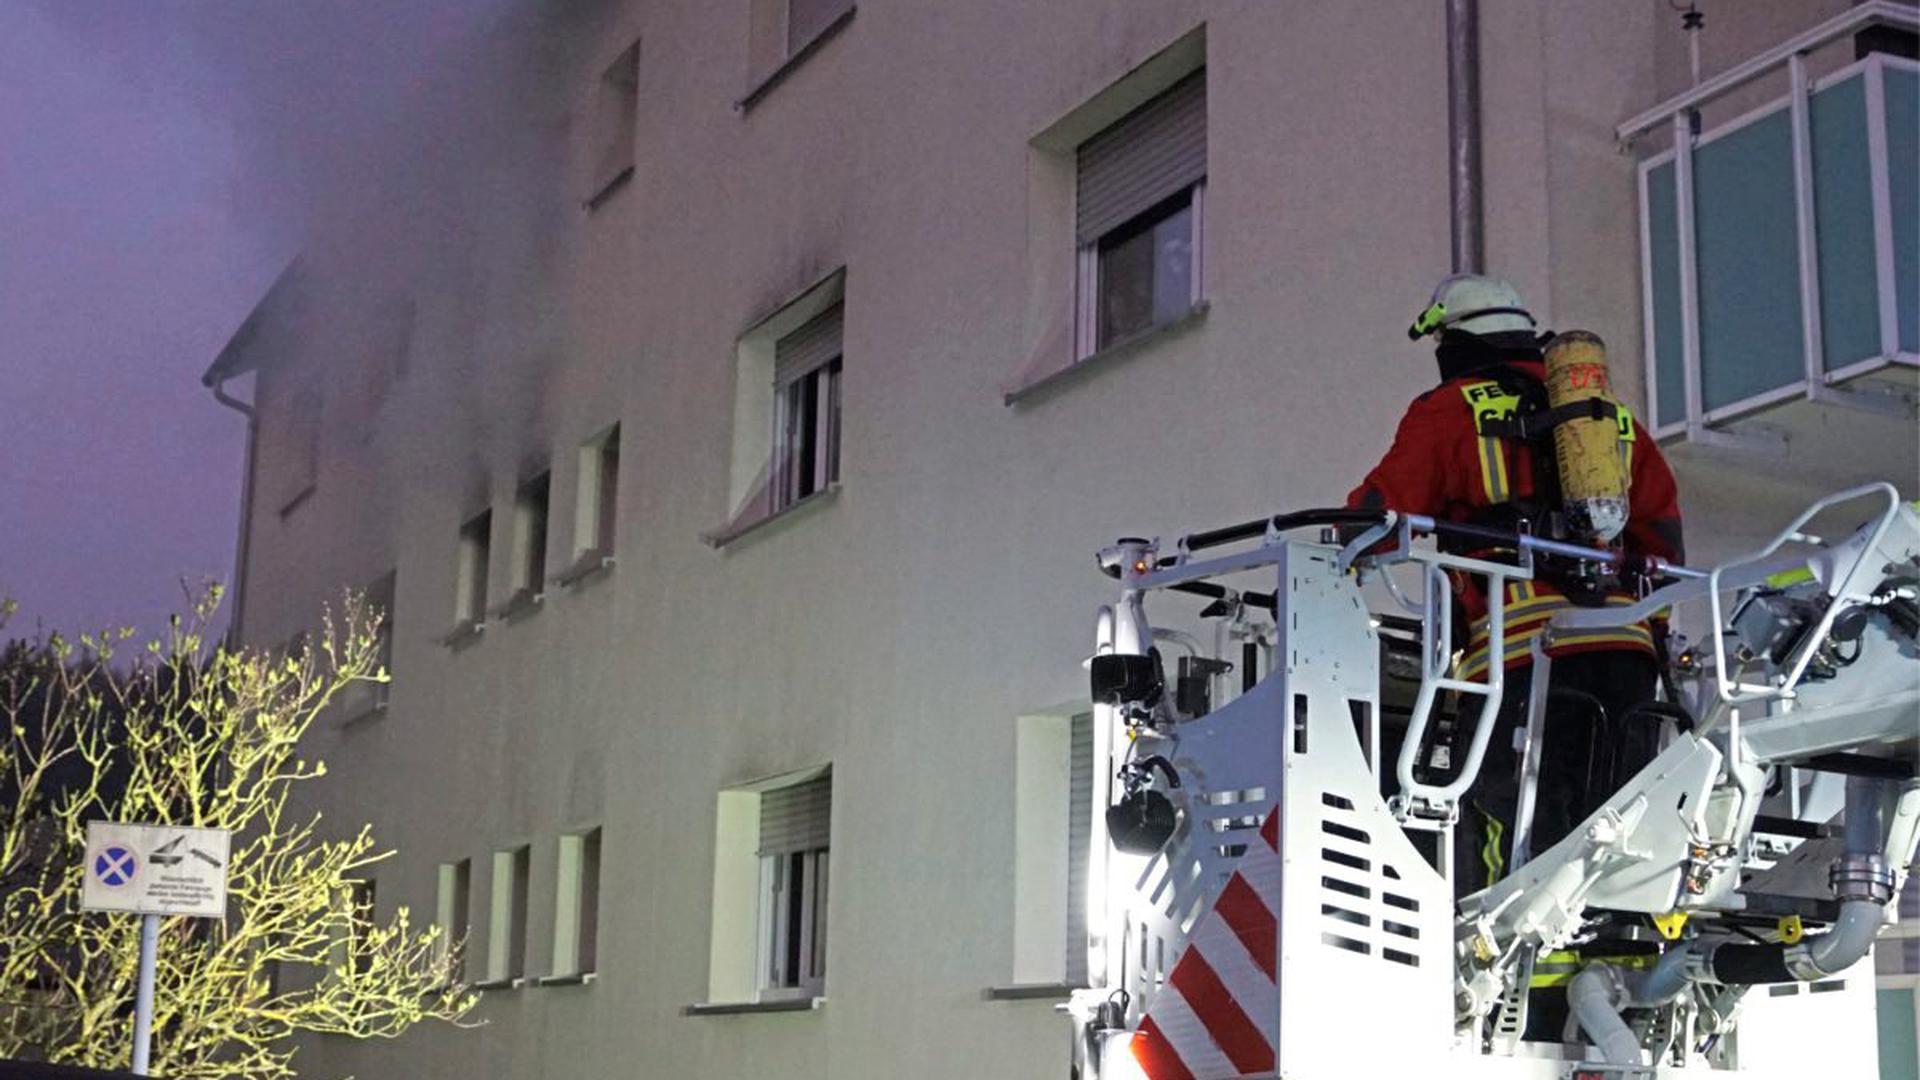 Am frühen Sonntagmorgen forderte ein Wohnungsbrand in Gaggenau zwei verletzte Personen und es entstand ein Sachschaden von rund 50.000 Euro.